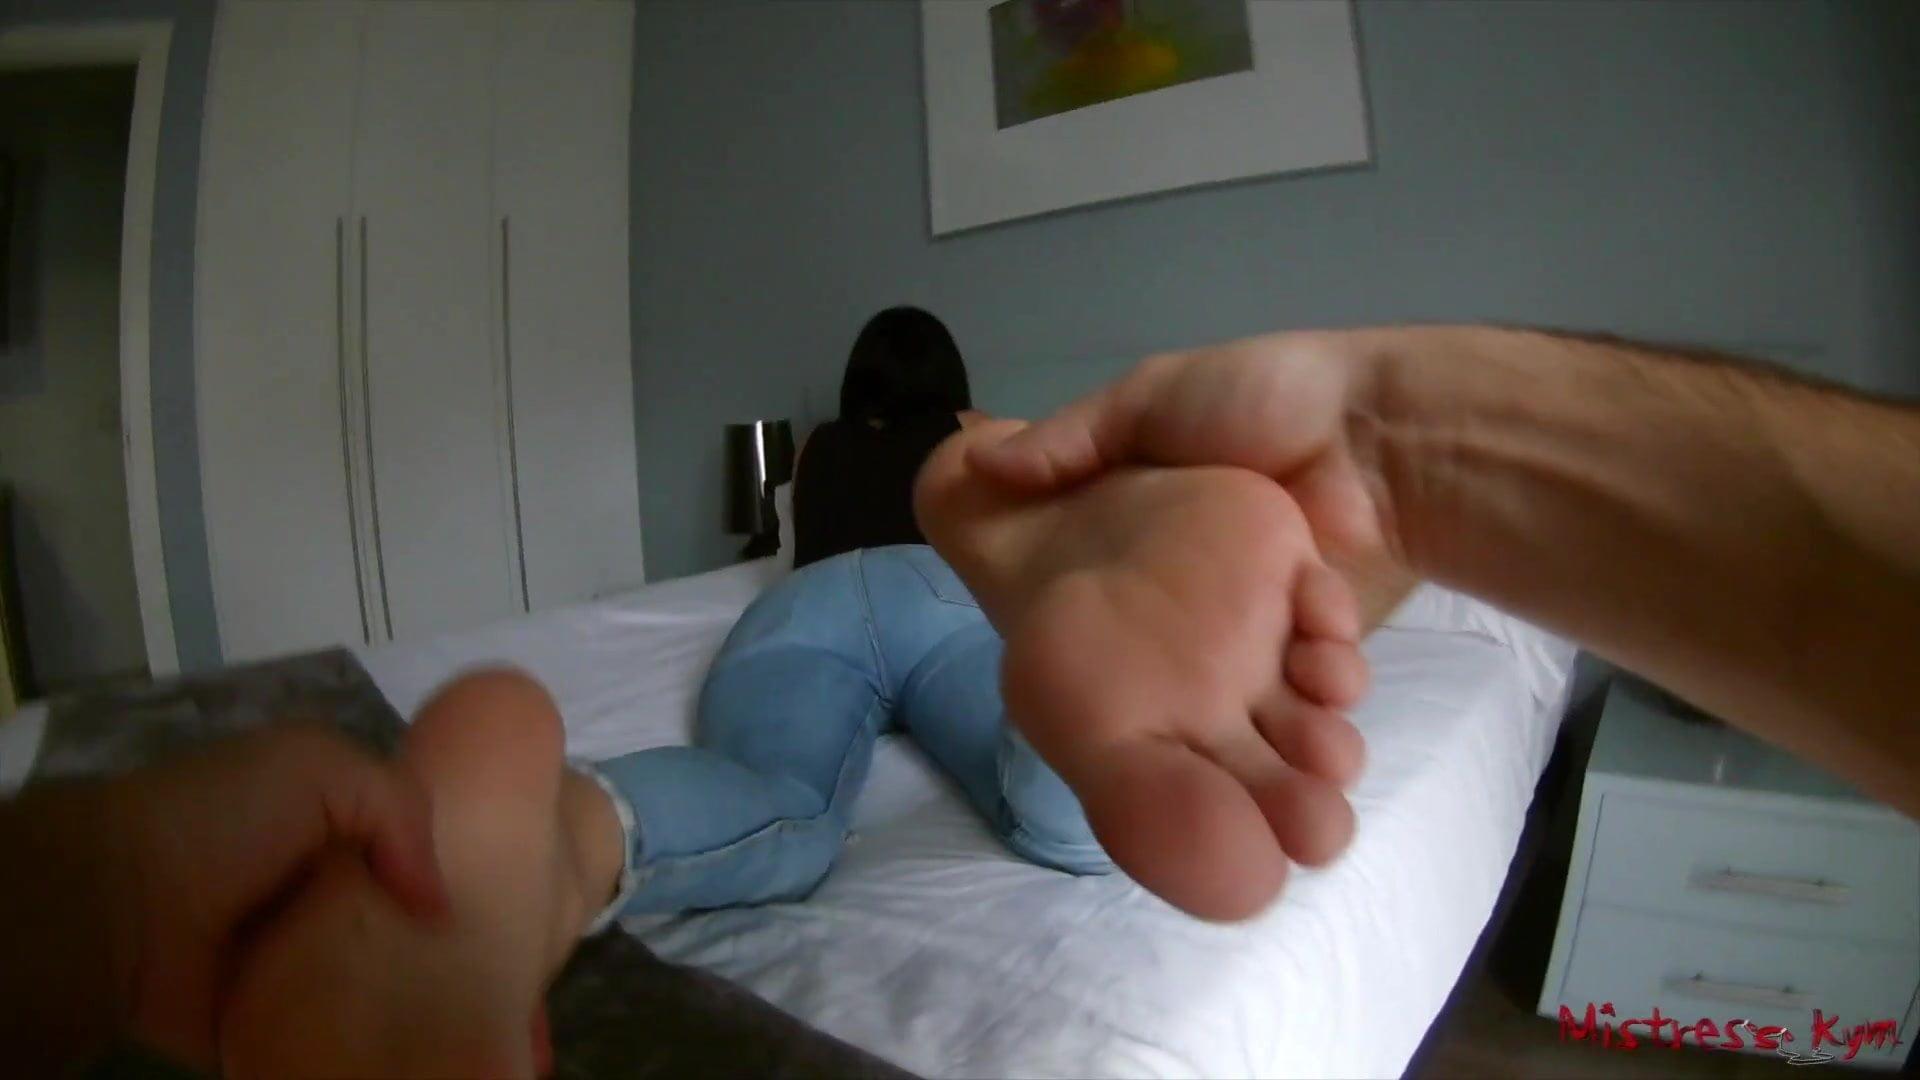 Pegging spank spankning spanks spanked